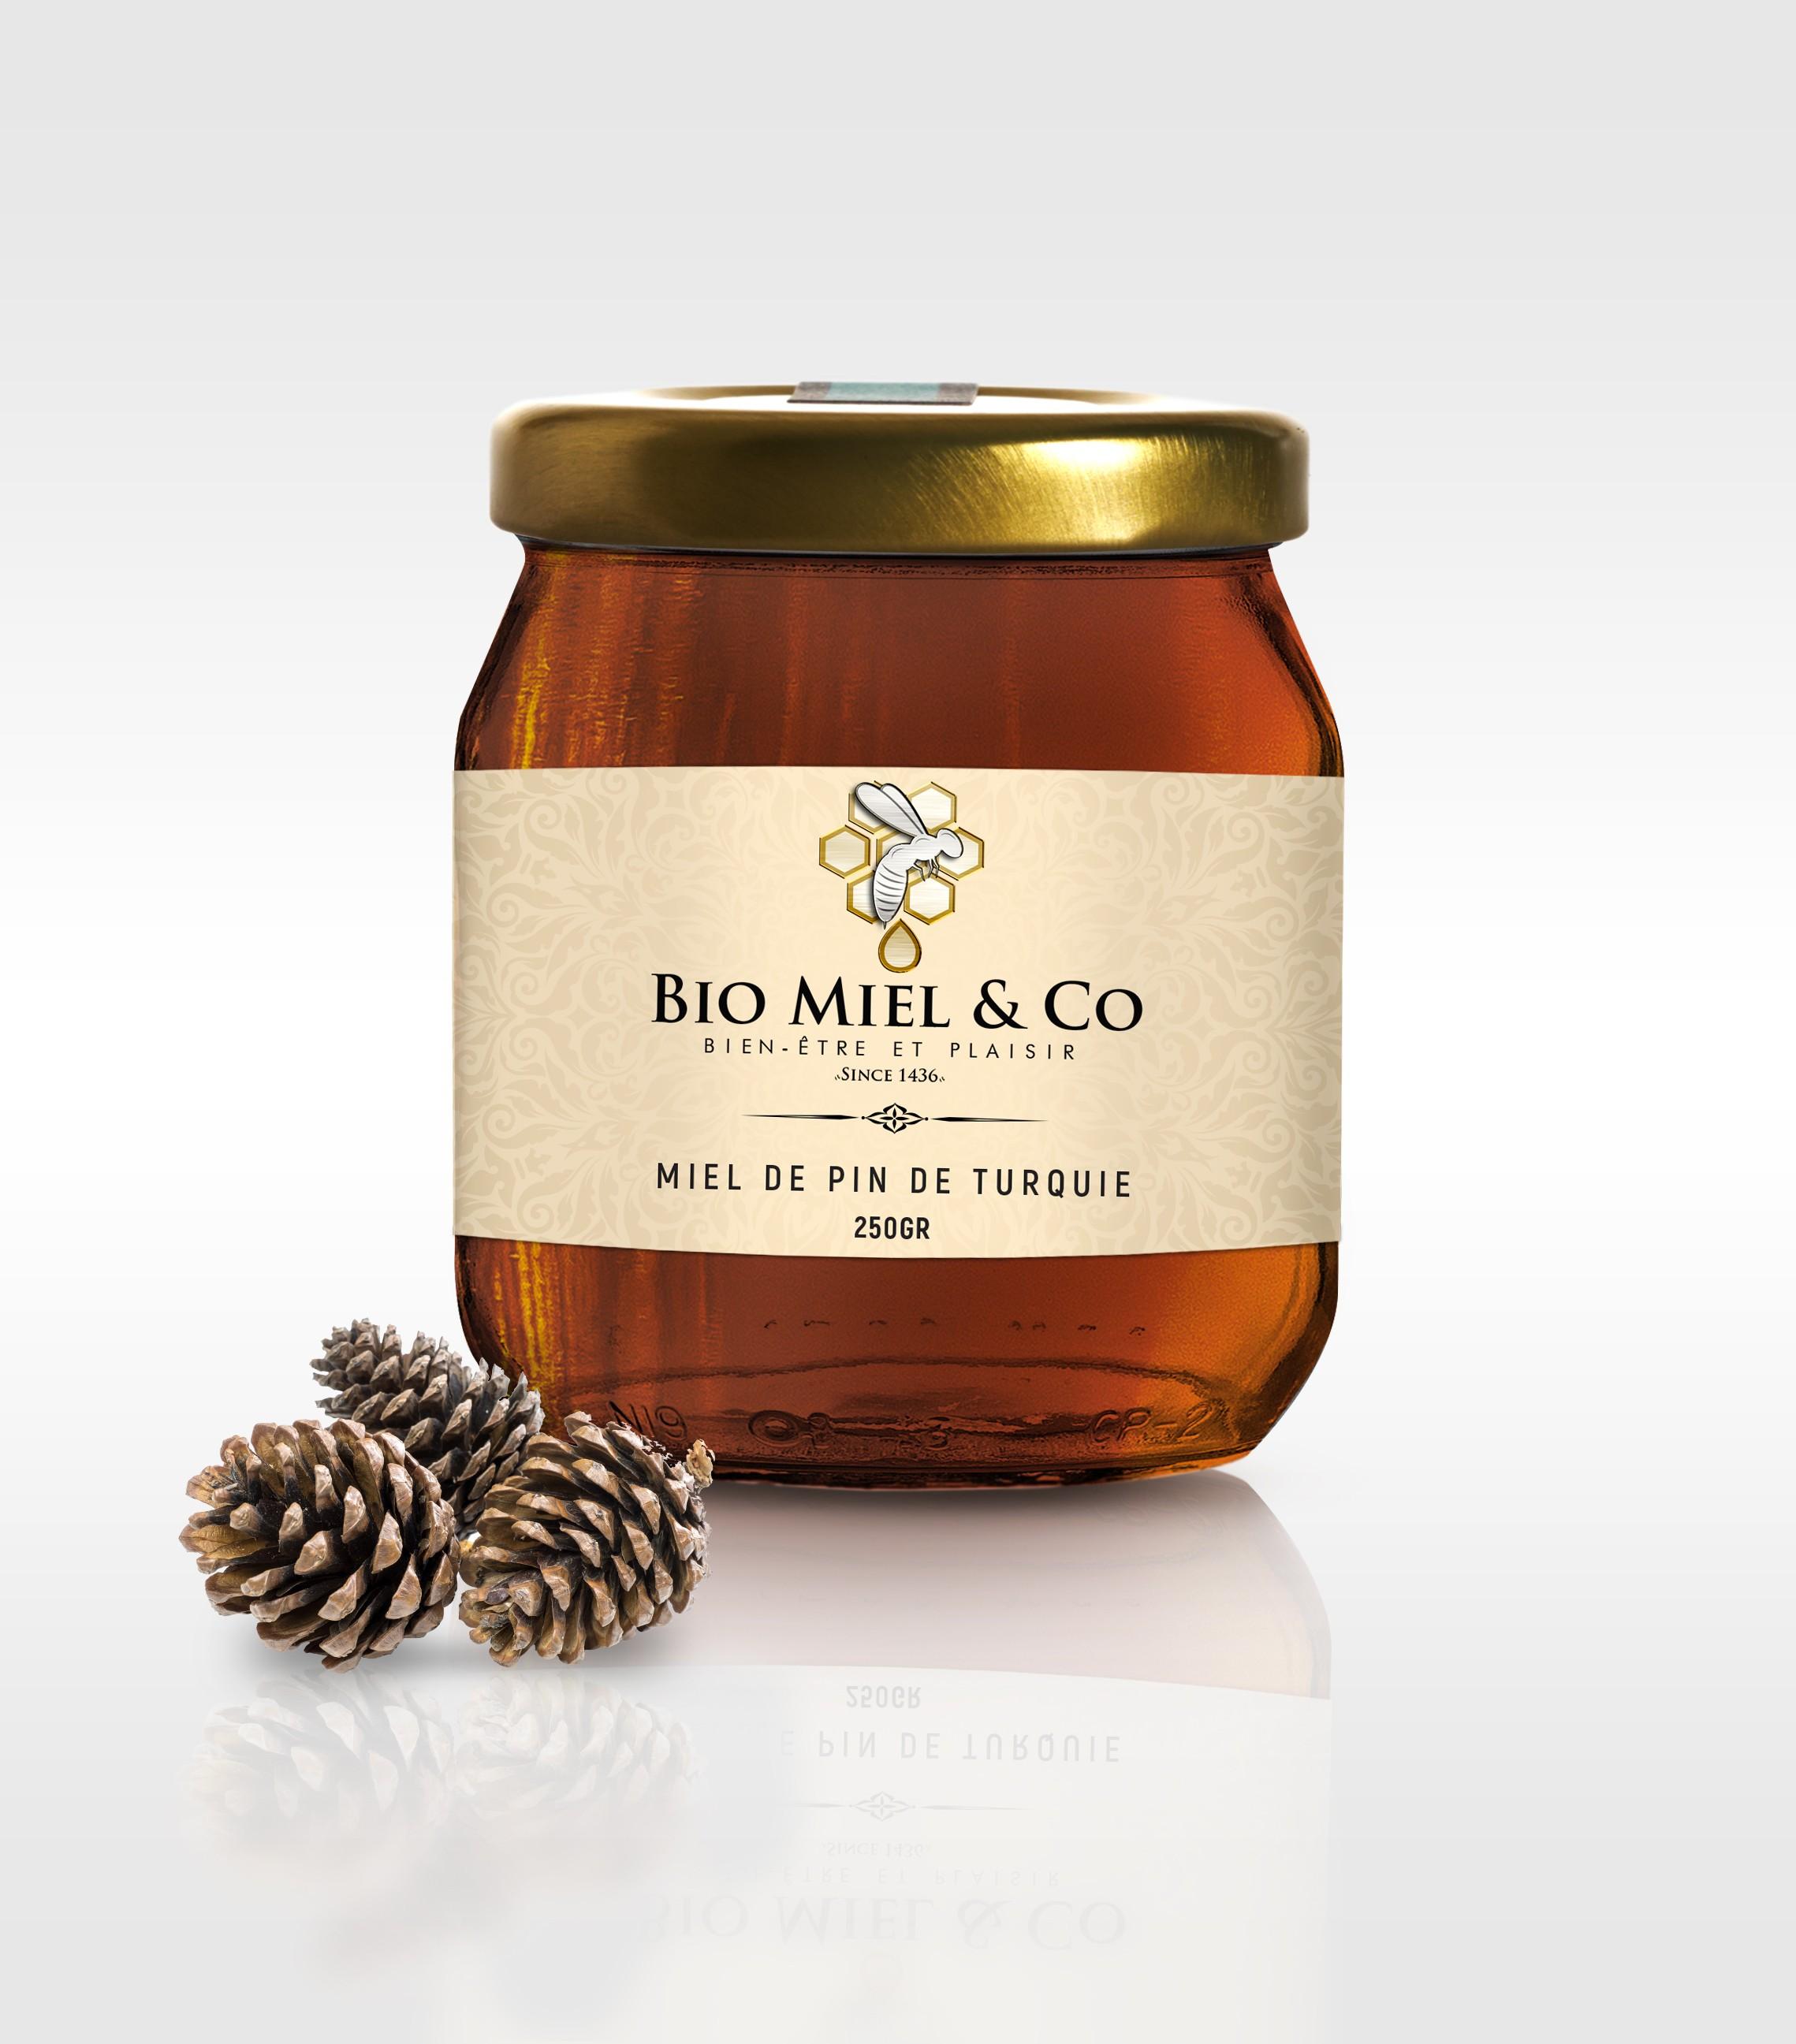 Miel de pin (Turquie)